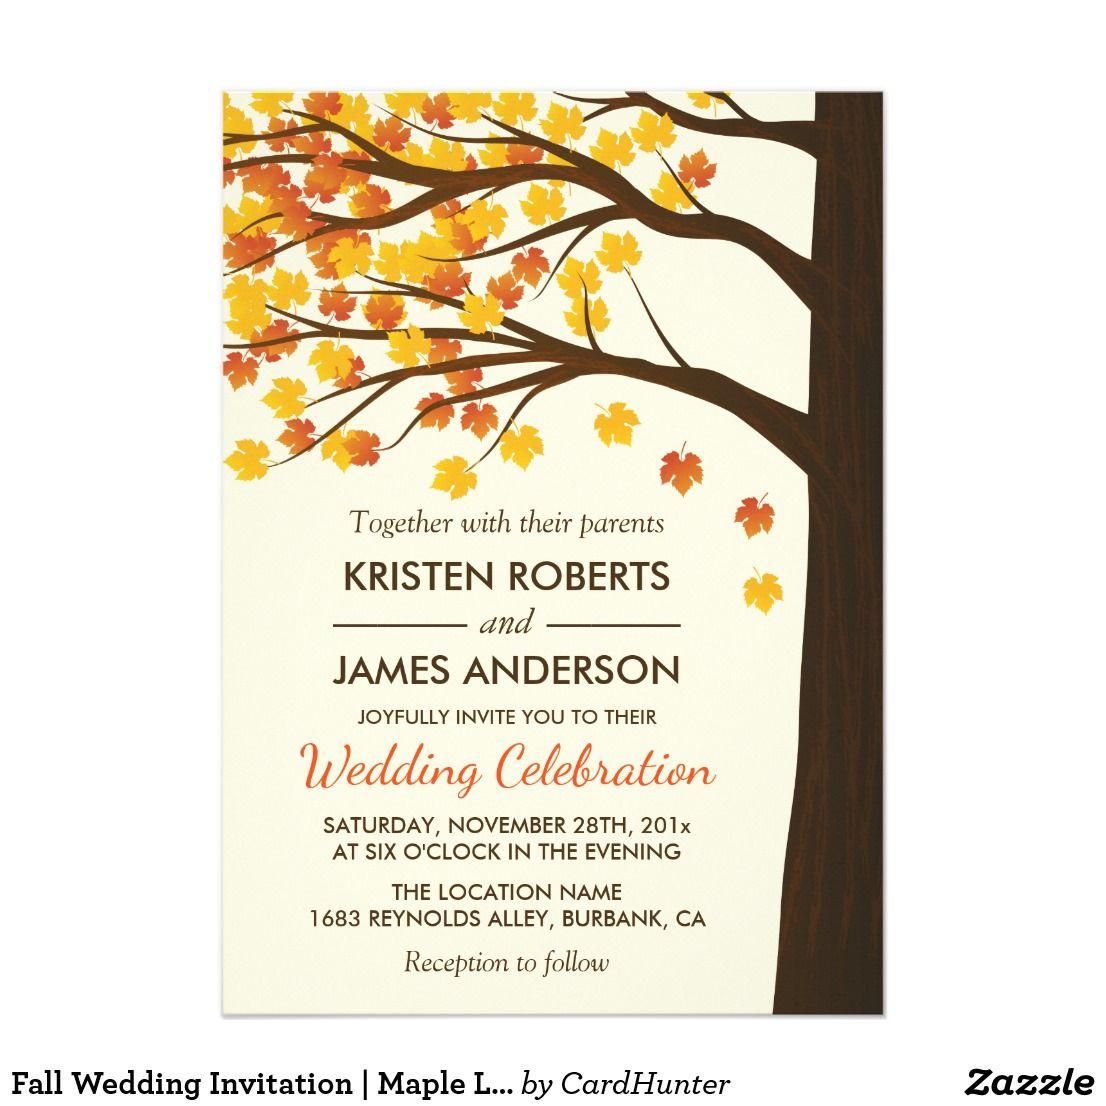 Fall Wedding Invitation | Maple Leaves Autumn Tree | Autumn trees ...